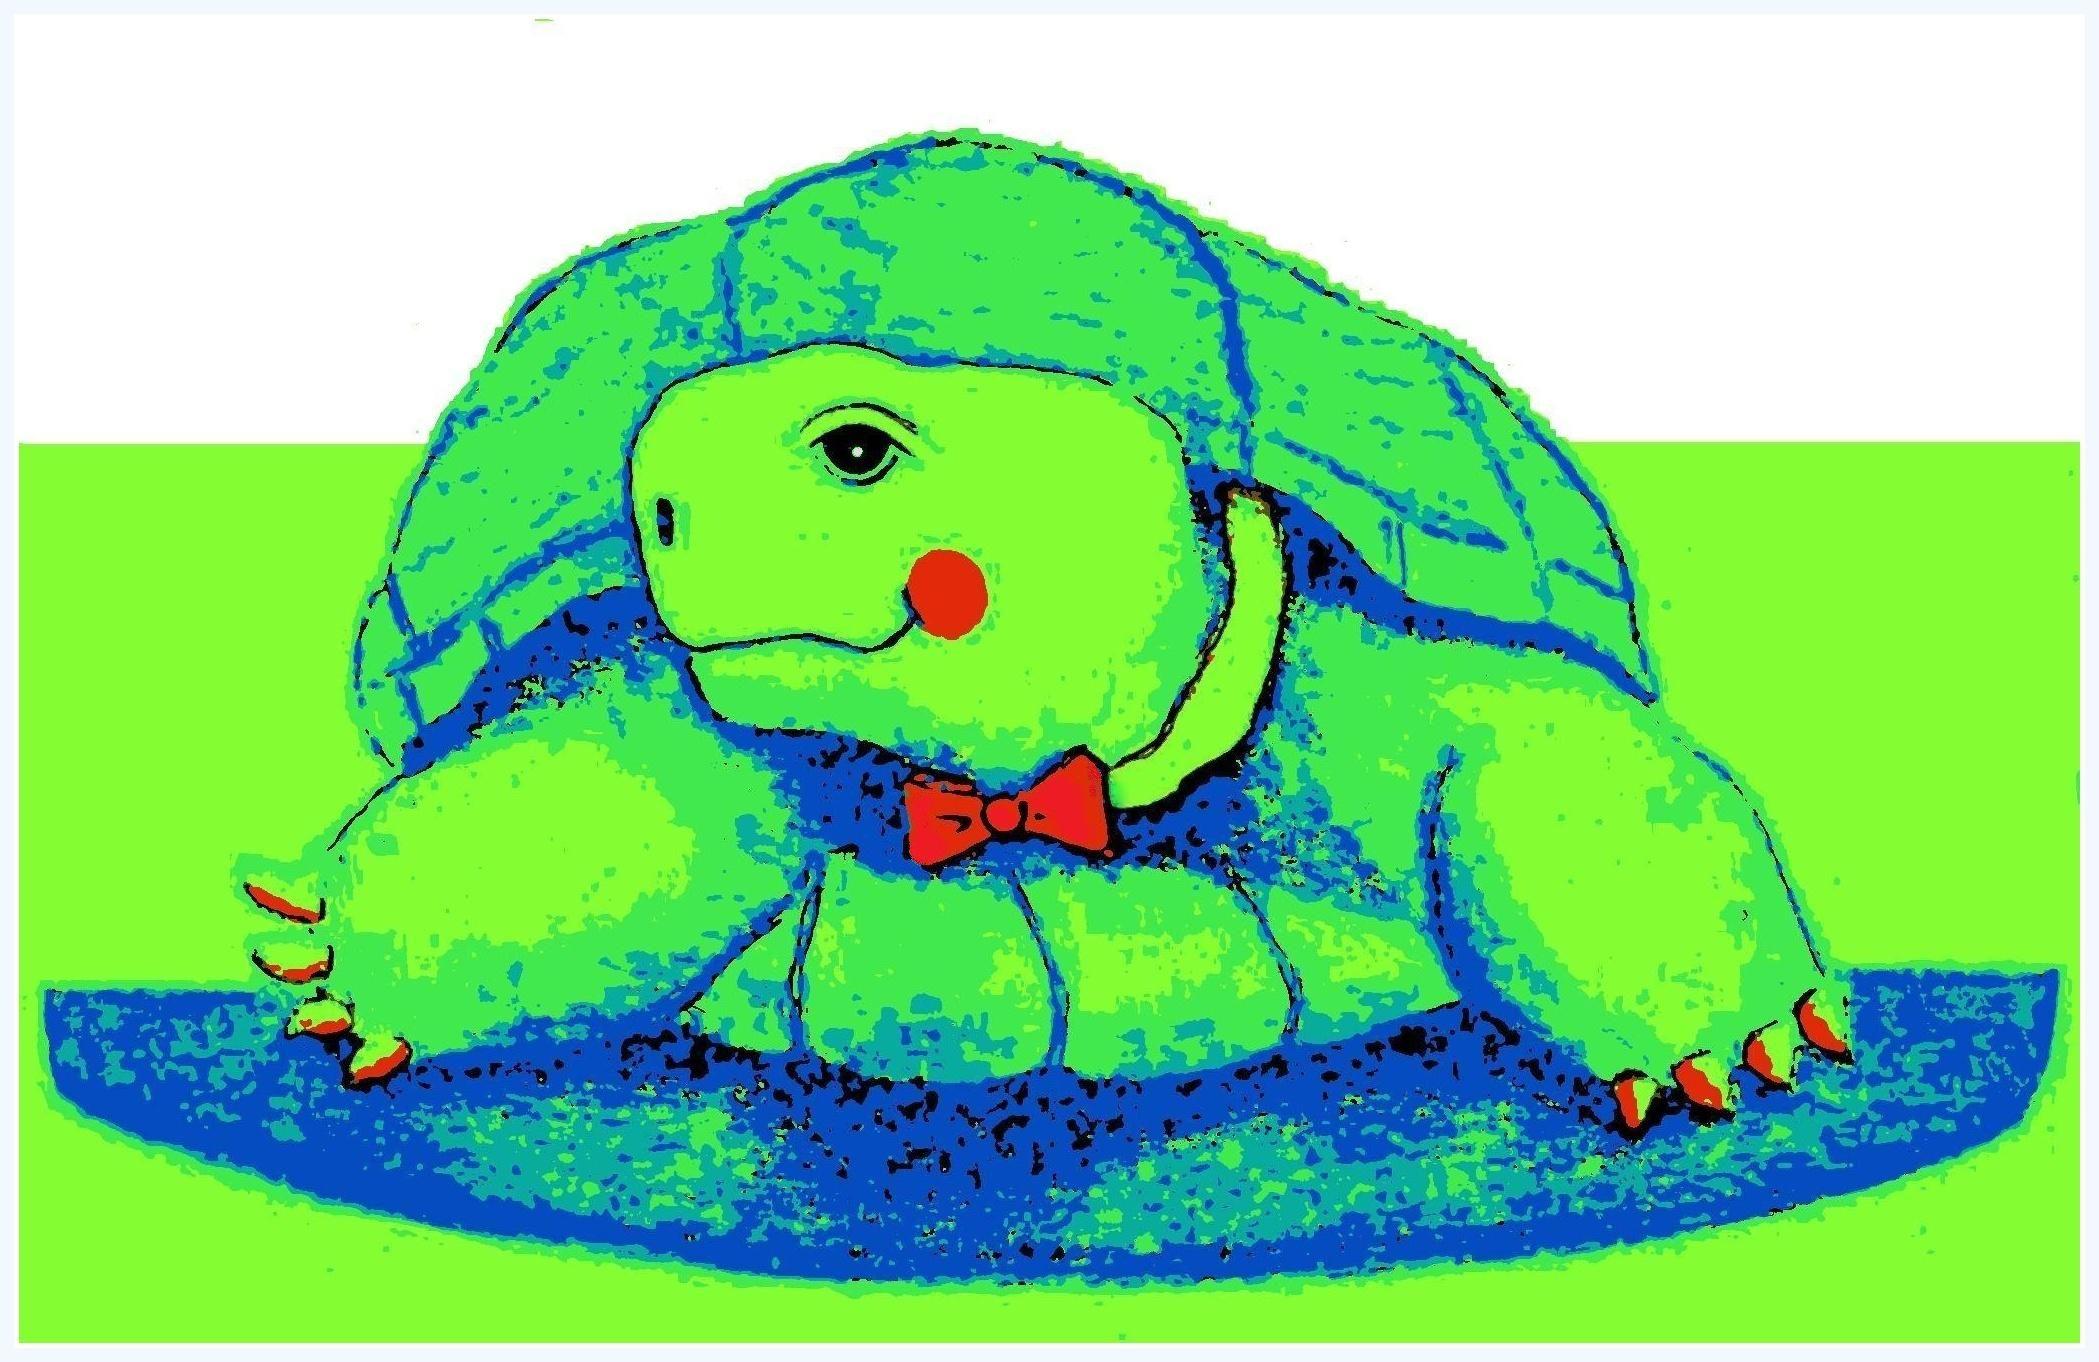 Schildpad Boris Poseert Schildpad Tekening Schildpad